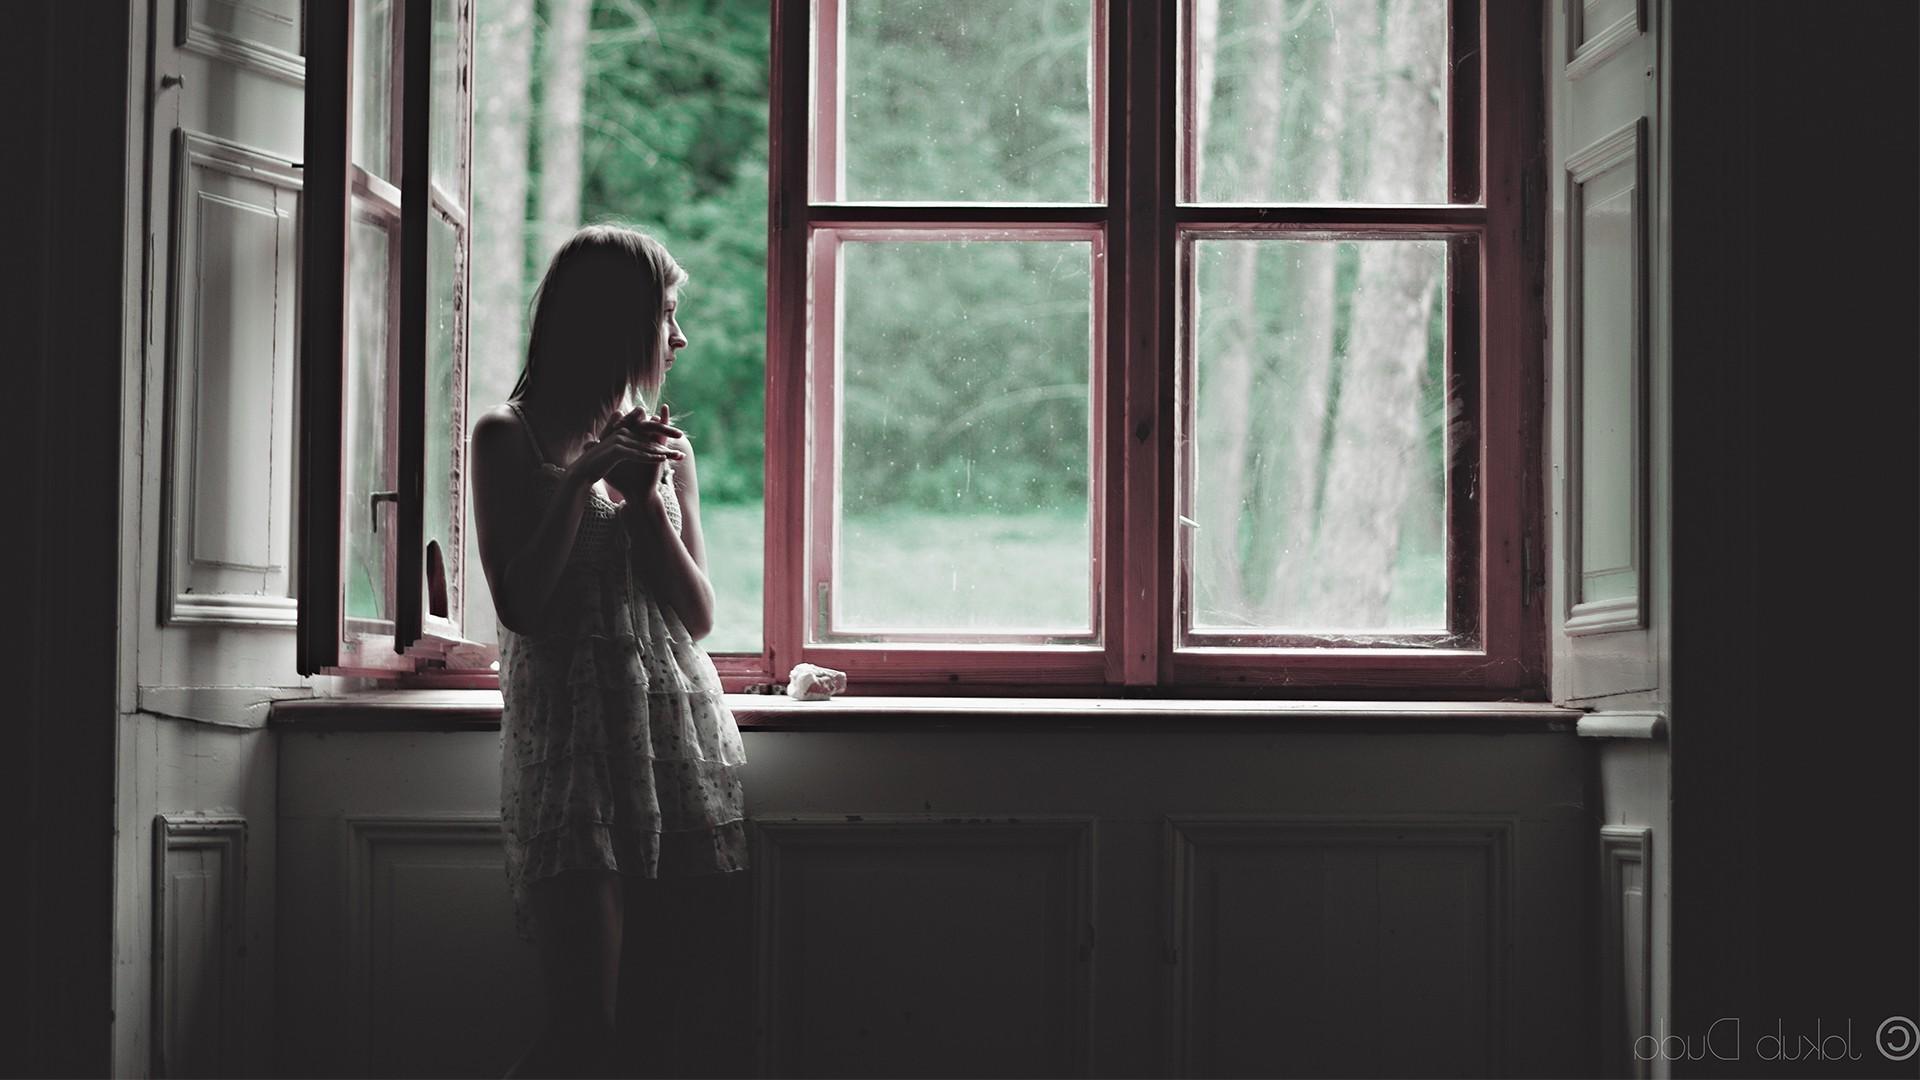 Фото картинки жены ждущей офицера у окна